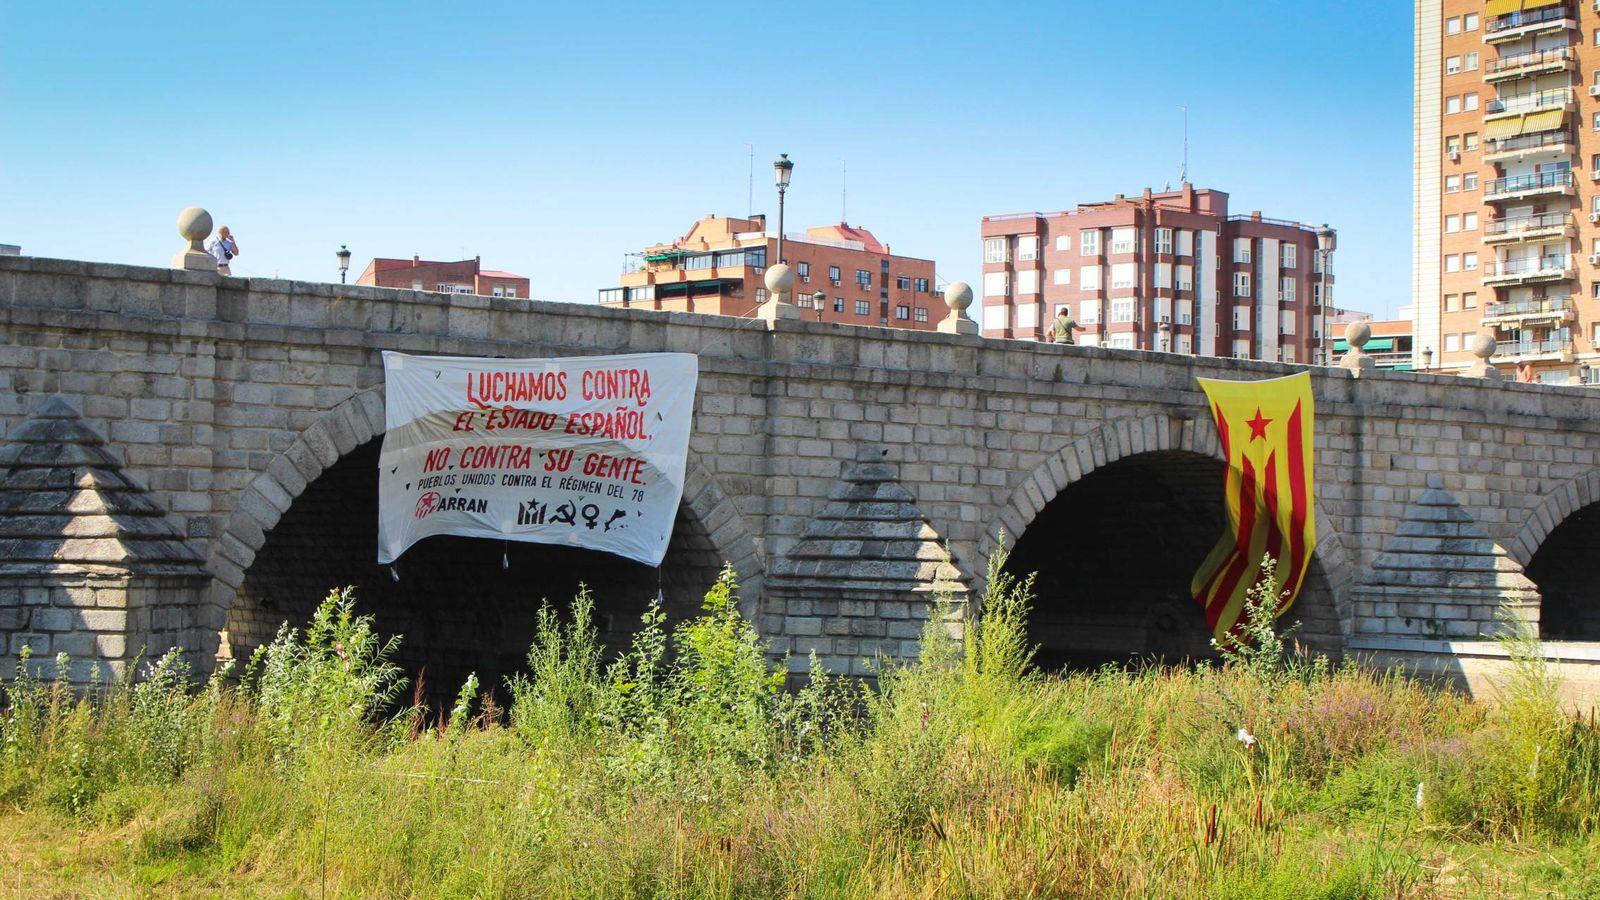 Foto: Pancarta colocada por Arran en Madrid. (Arran)